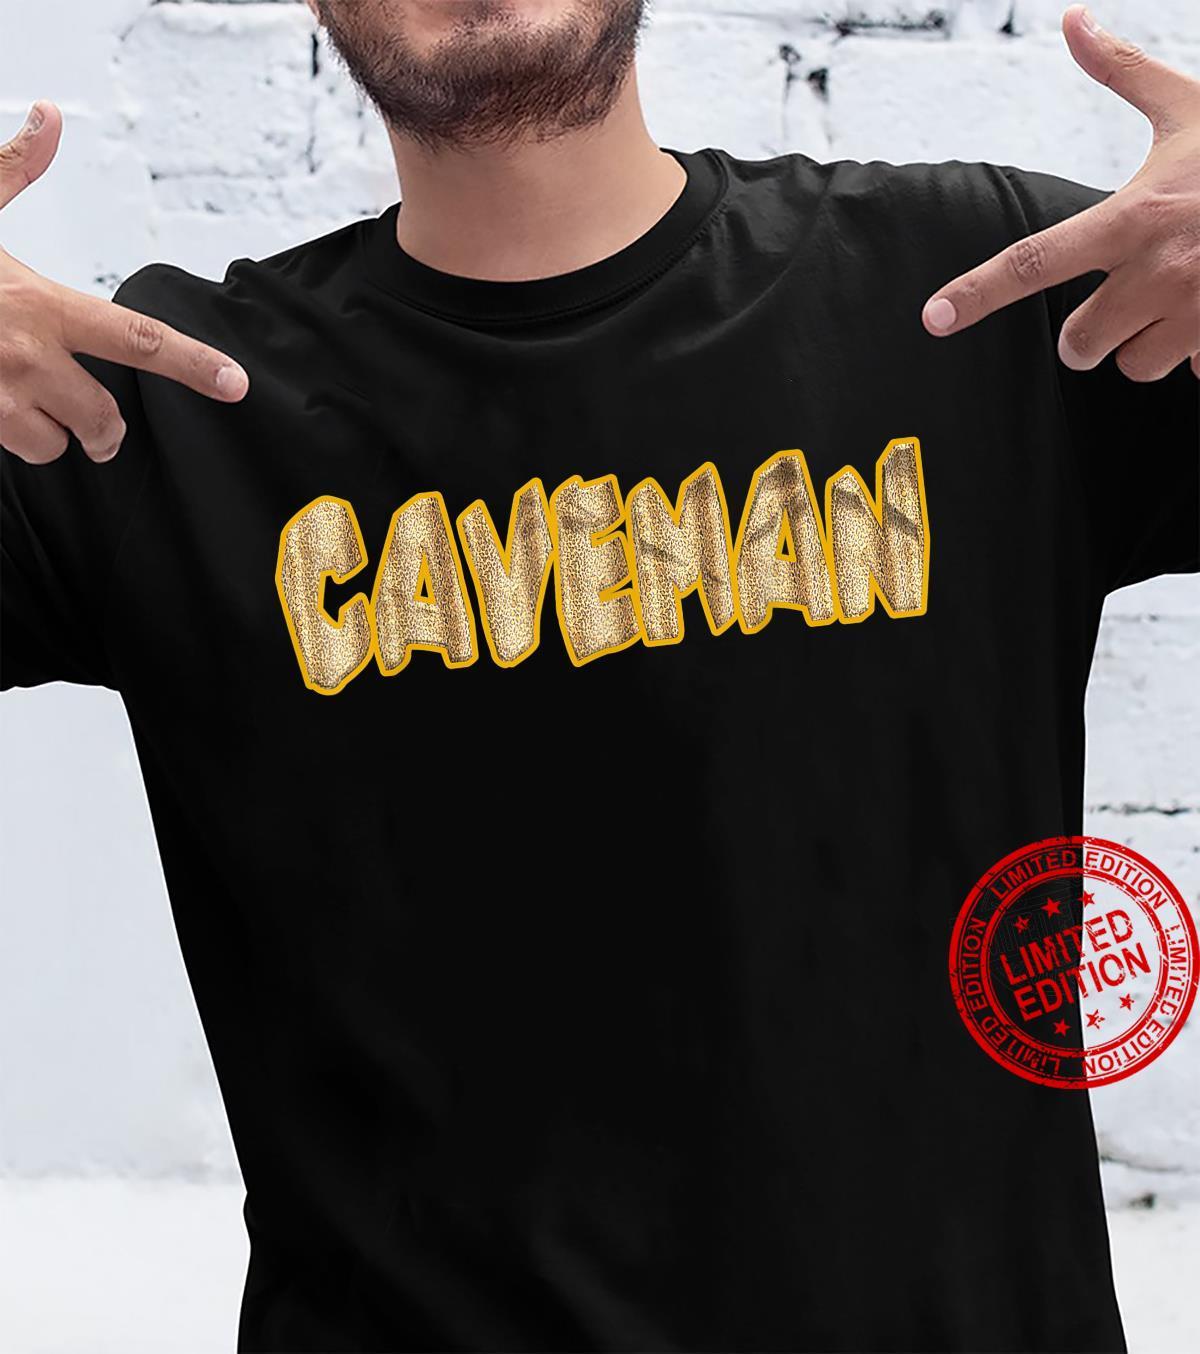 Caveman And Styles Shirt